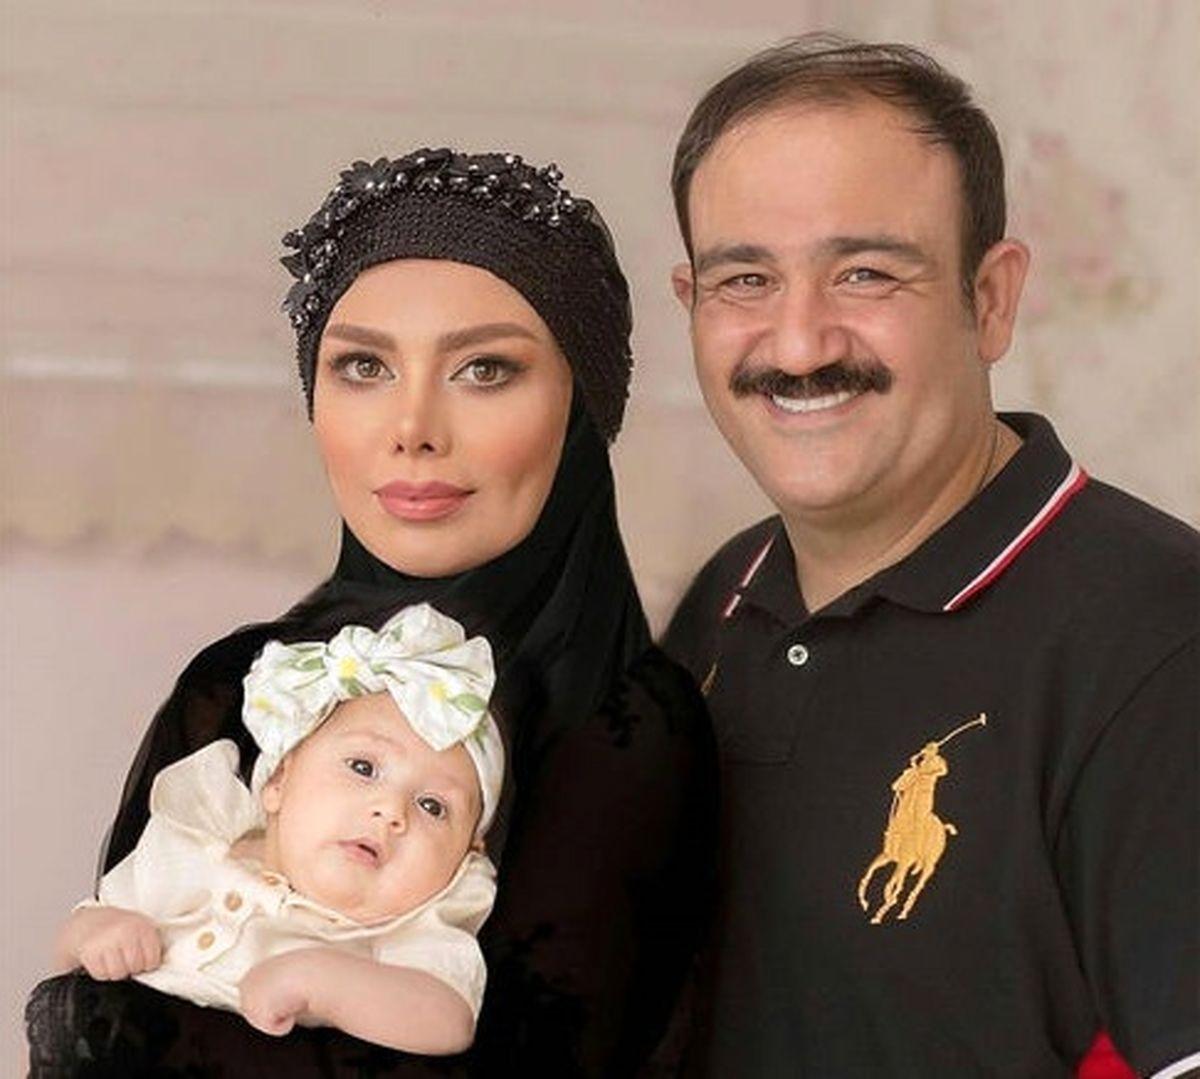 عکس جدید مهران غفوریان در کنار همسرش